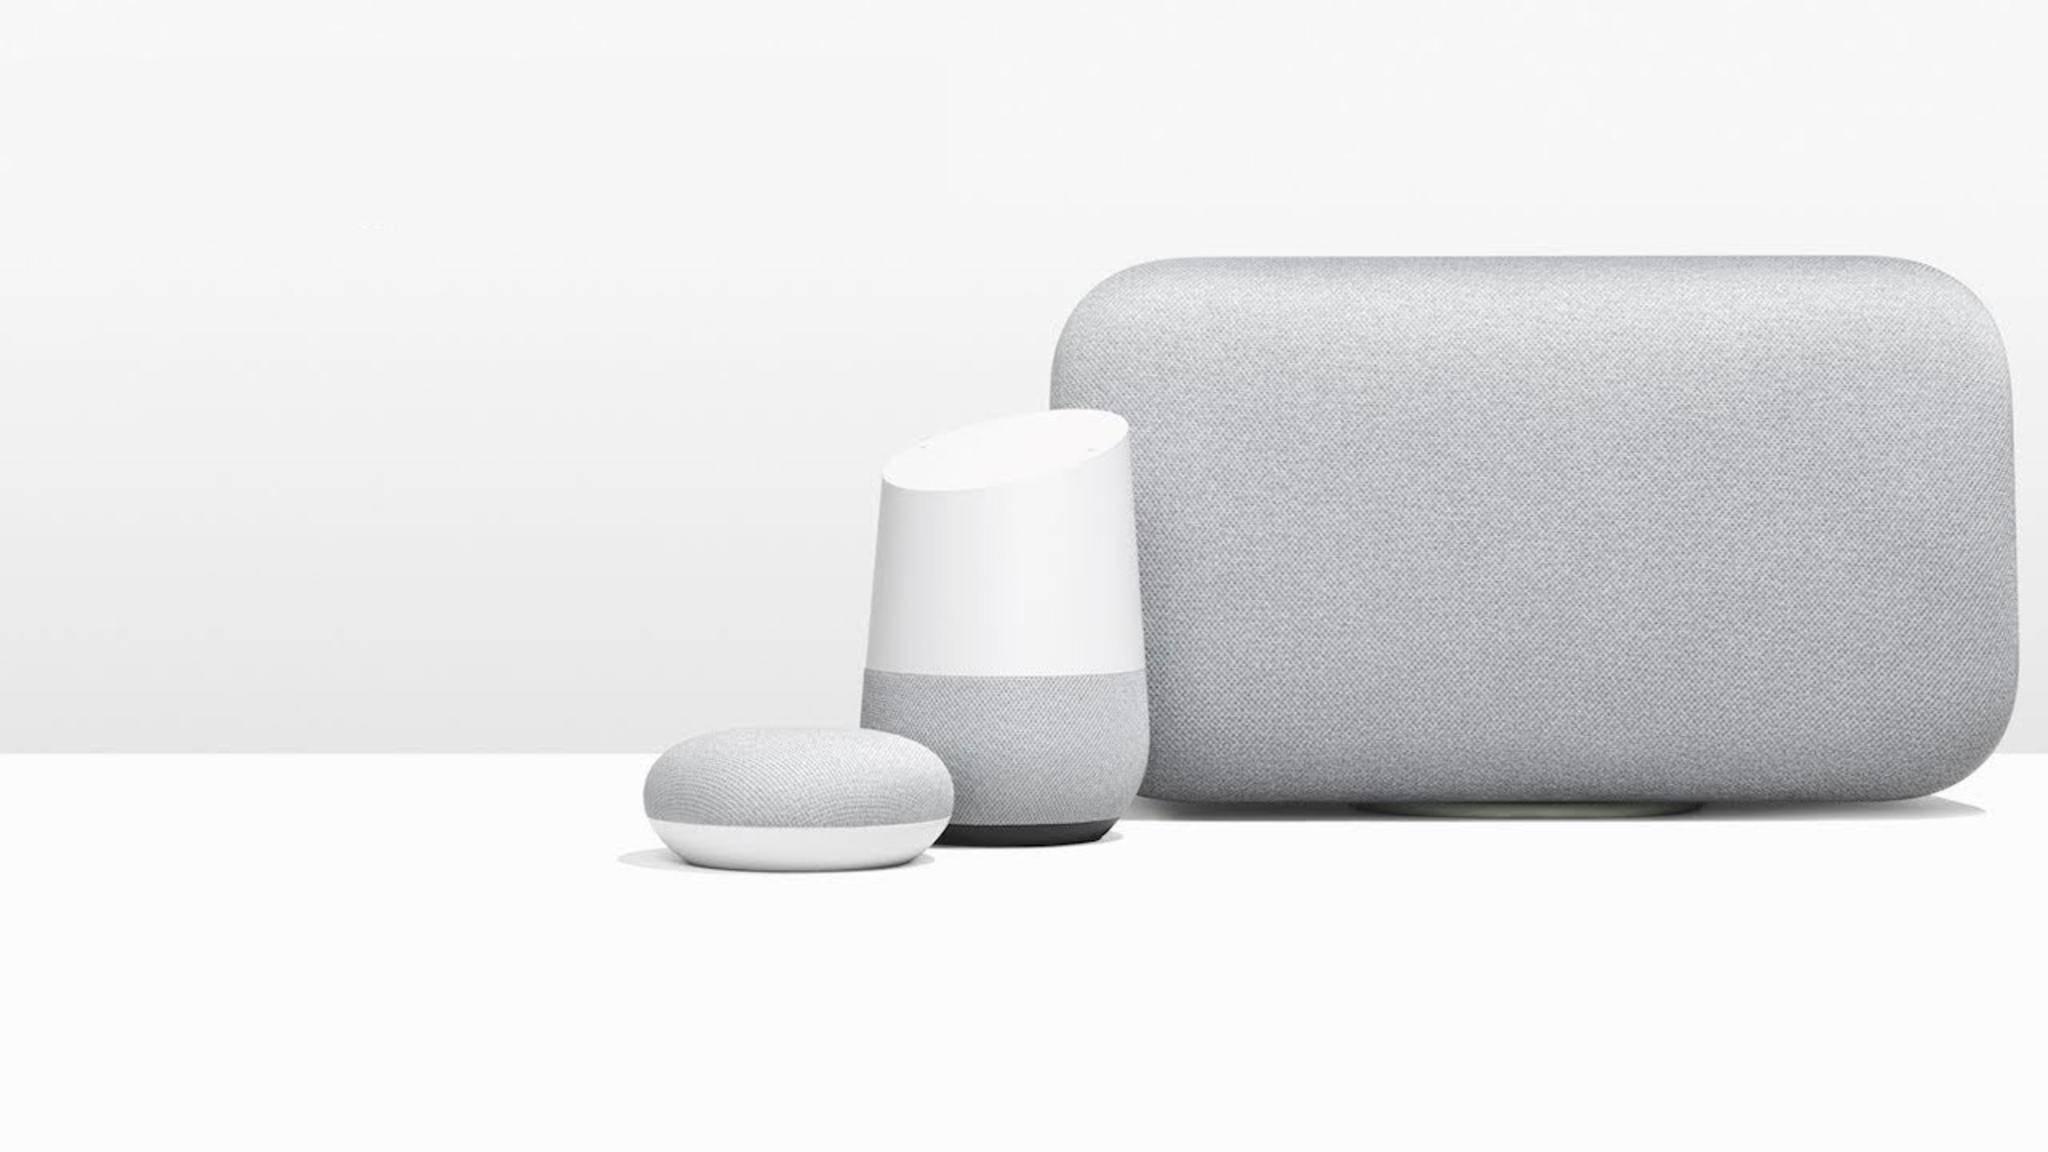 Der Google Home Max (rechts) ist einer der größten Smart-Speaker.